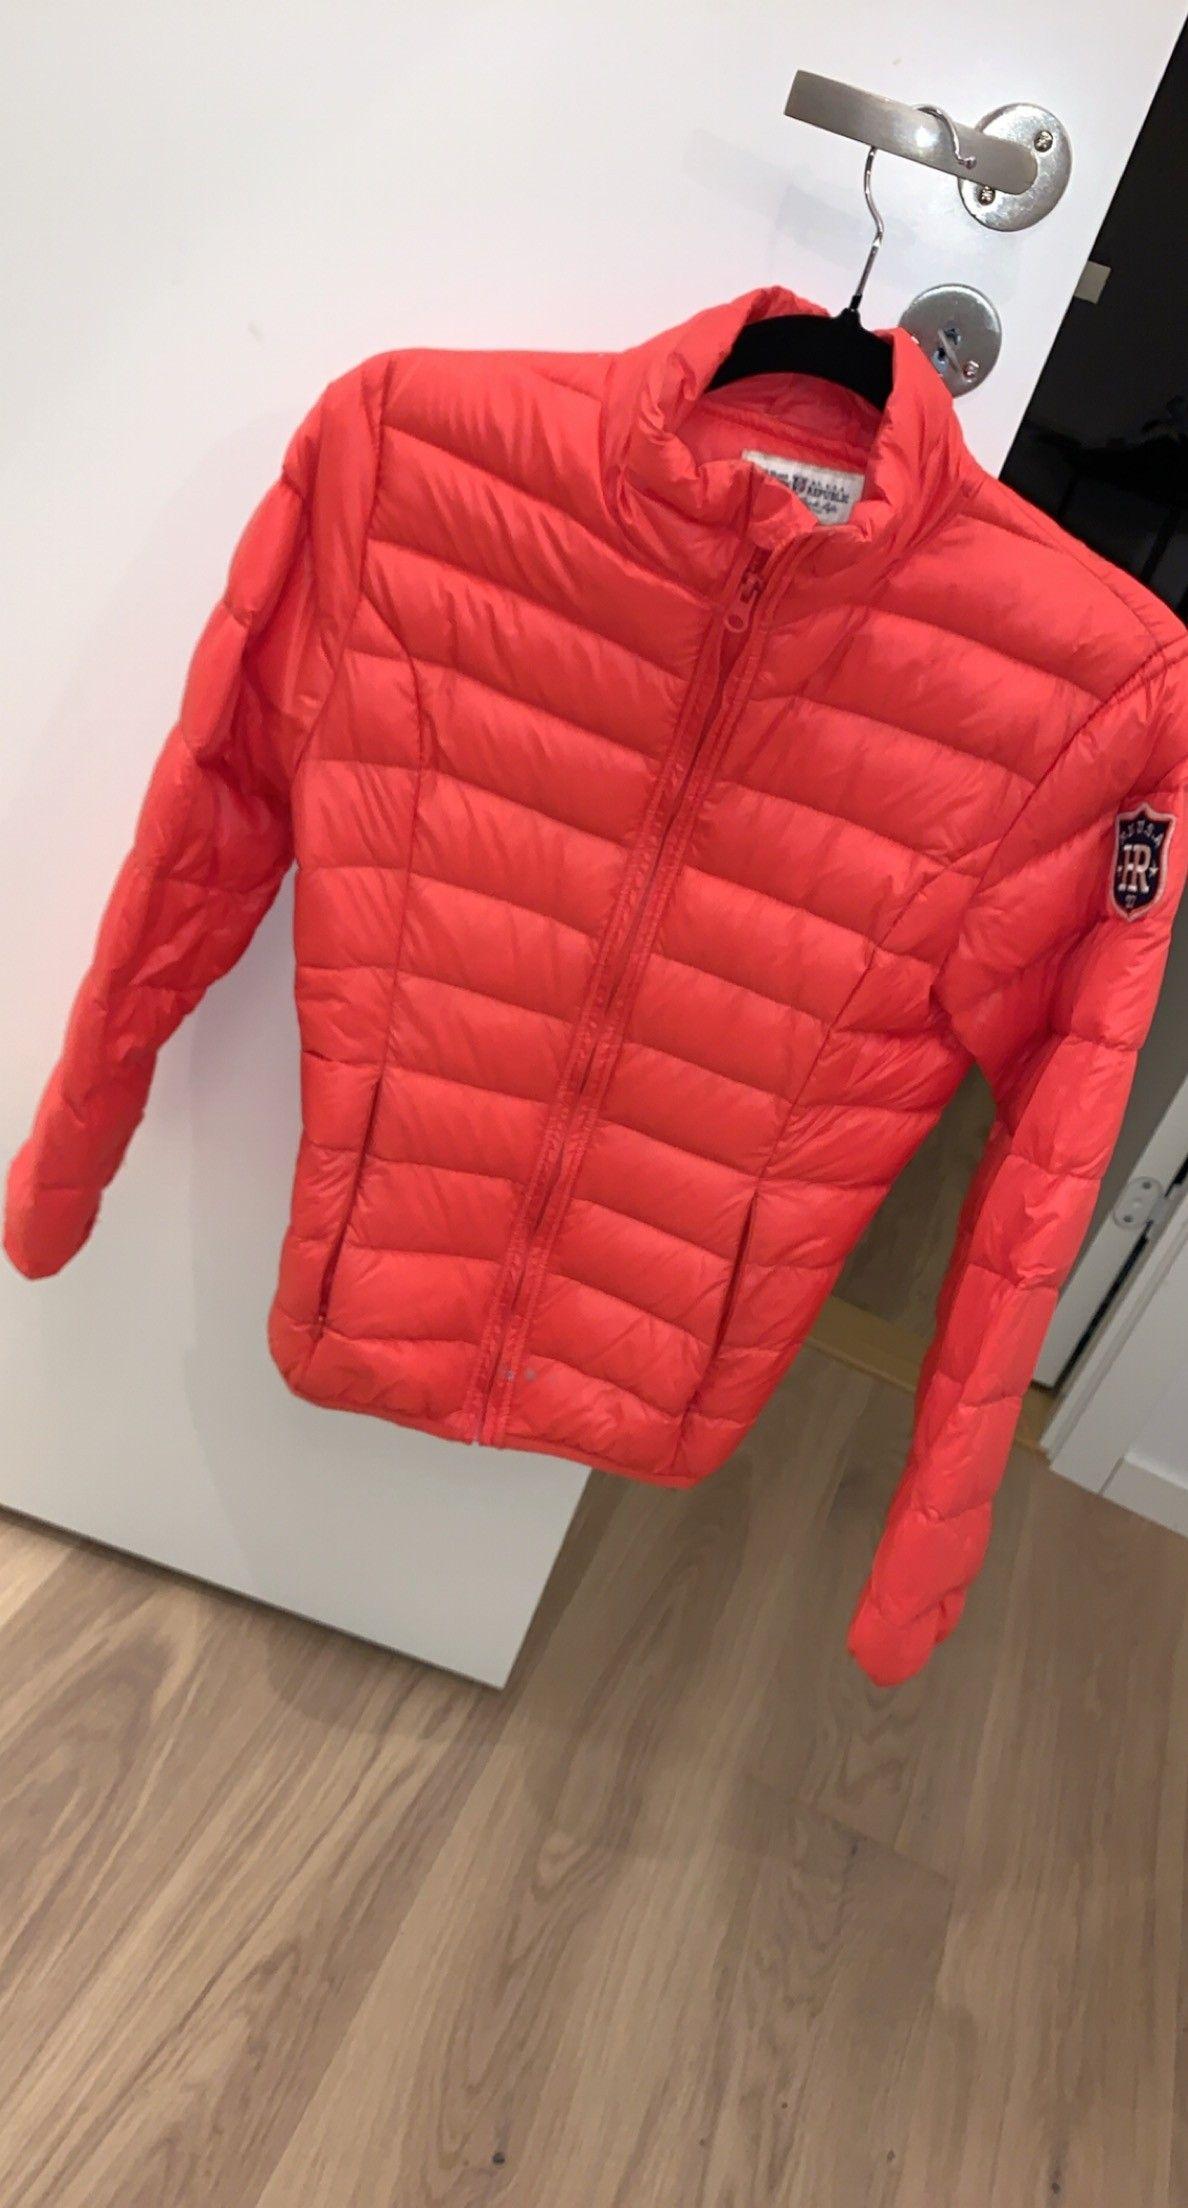 Fin ubrukt jakke Kjøpe, selge og utveksle annonser finn